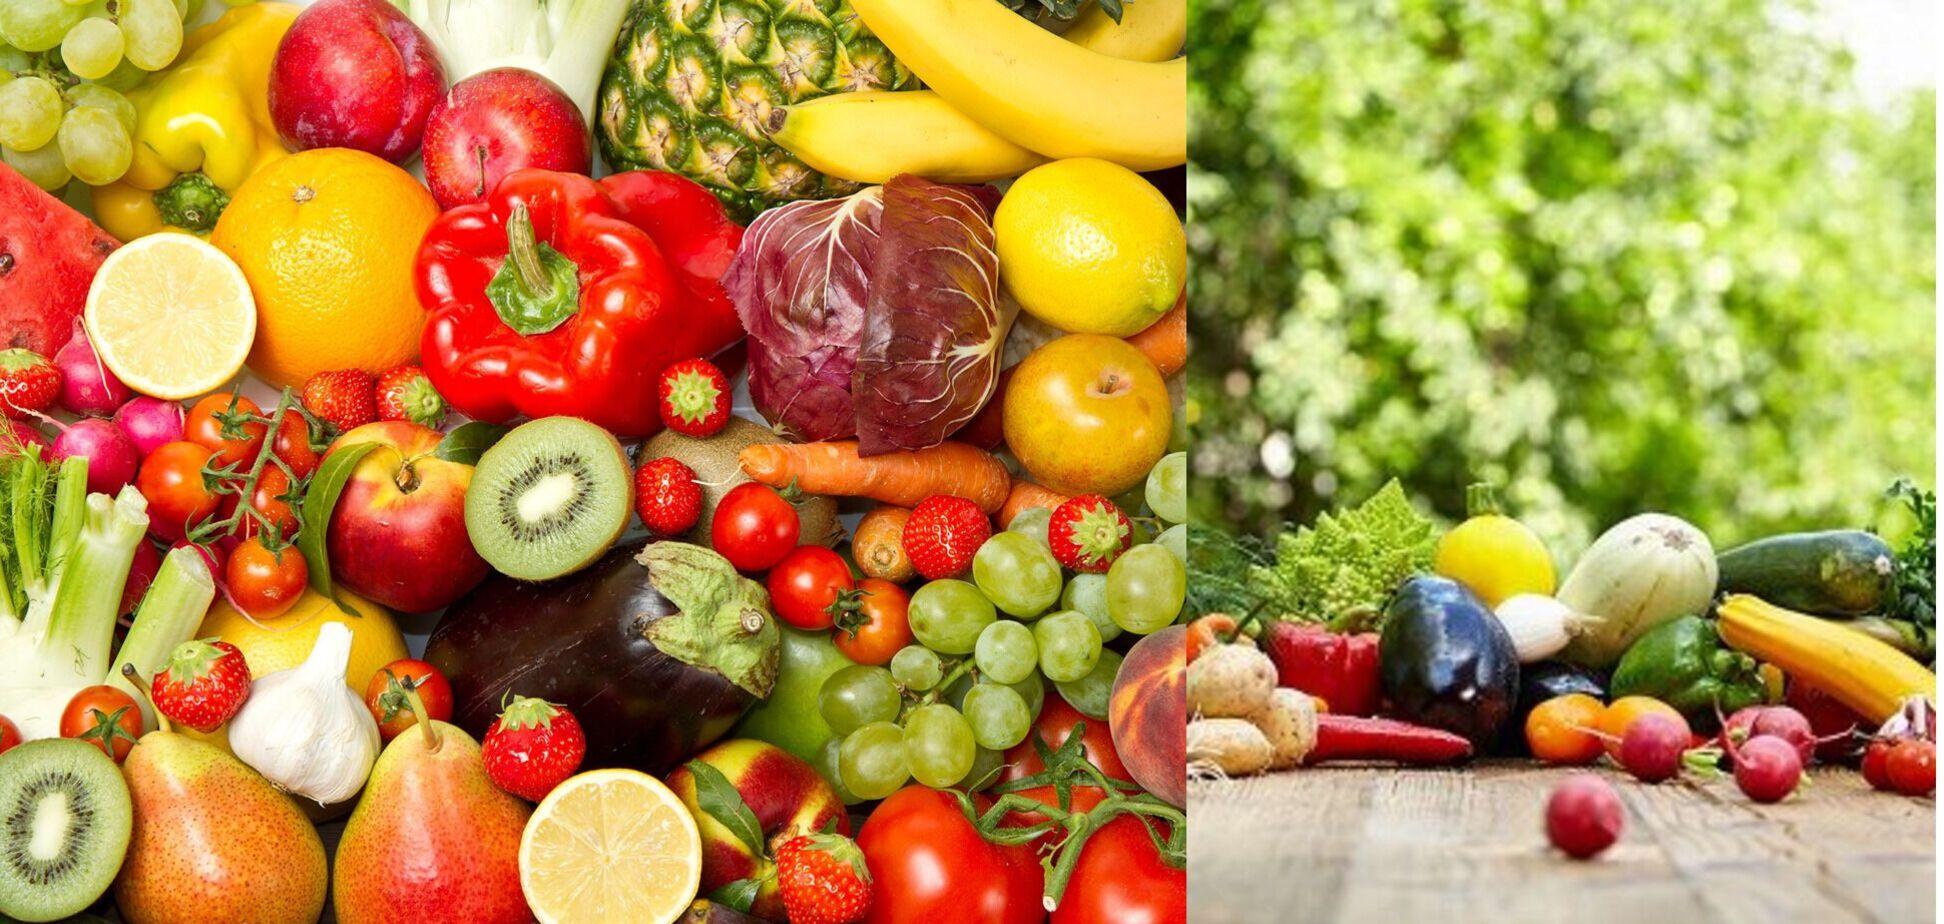 Вода не только в бутылке: фрукты и овощи незаменимые летом